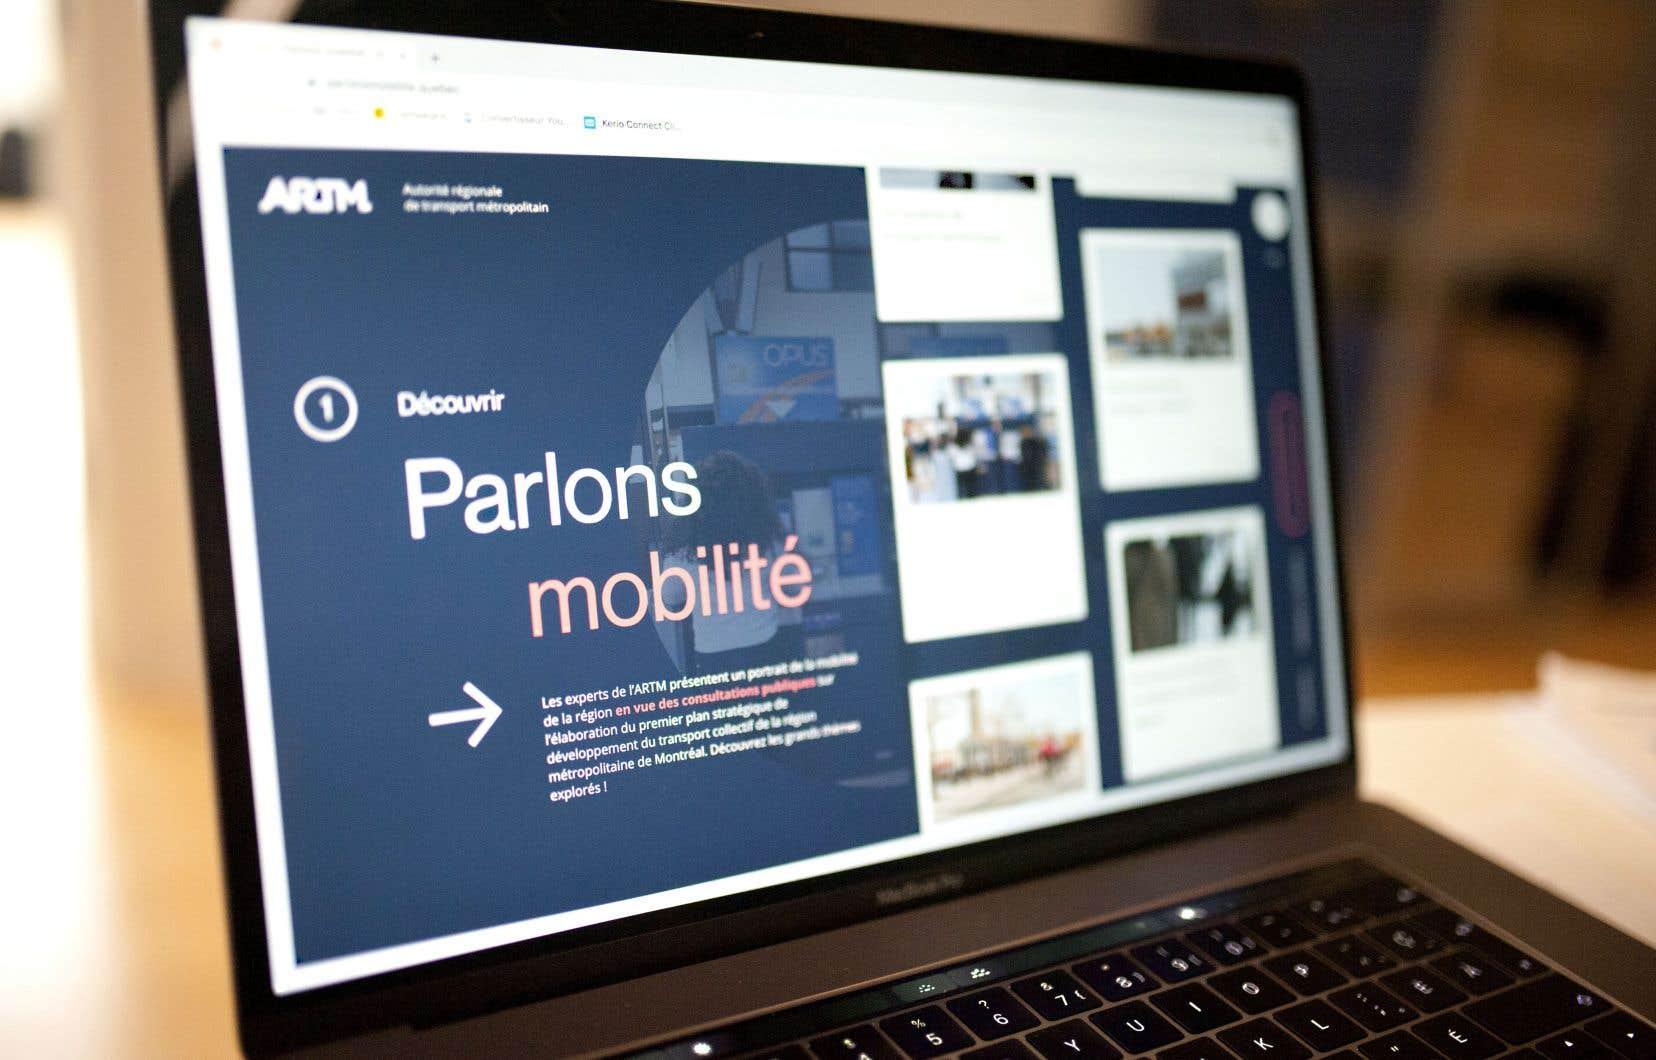 La plateforme Web «Parlons mobilité» a été lancée le 23 janvier dernier afin d'impliquer les citoyens, la société civile, les organismes de transport et les acteurs municipaux dans l'élaboration du plan stratégique de développement du transport collectif pour les trente prochaines années.